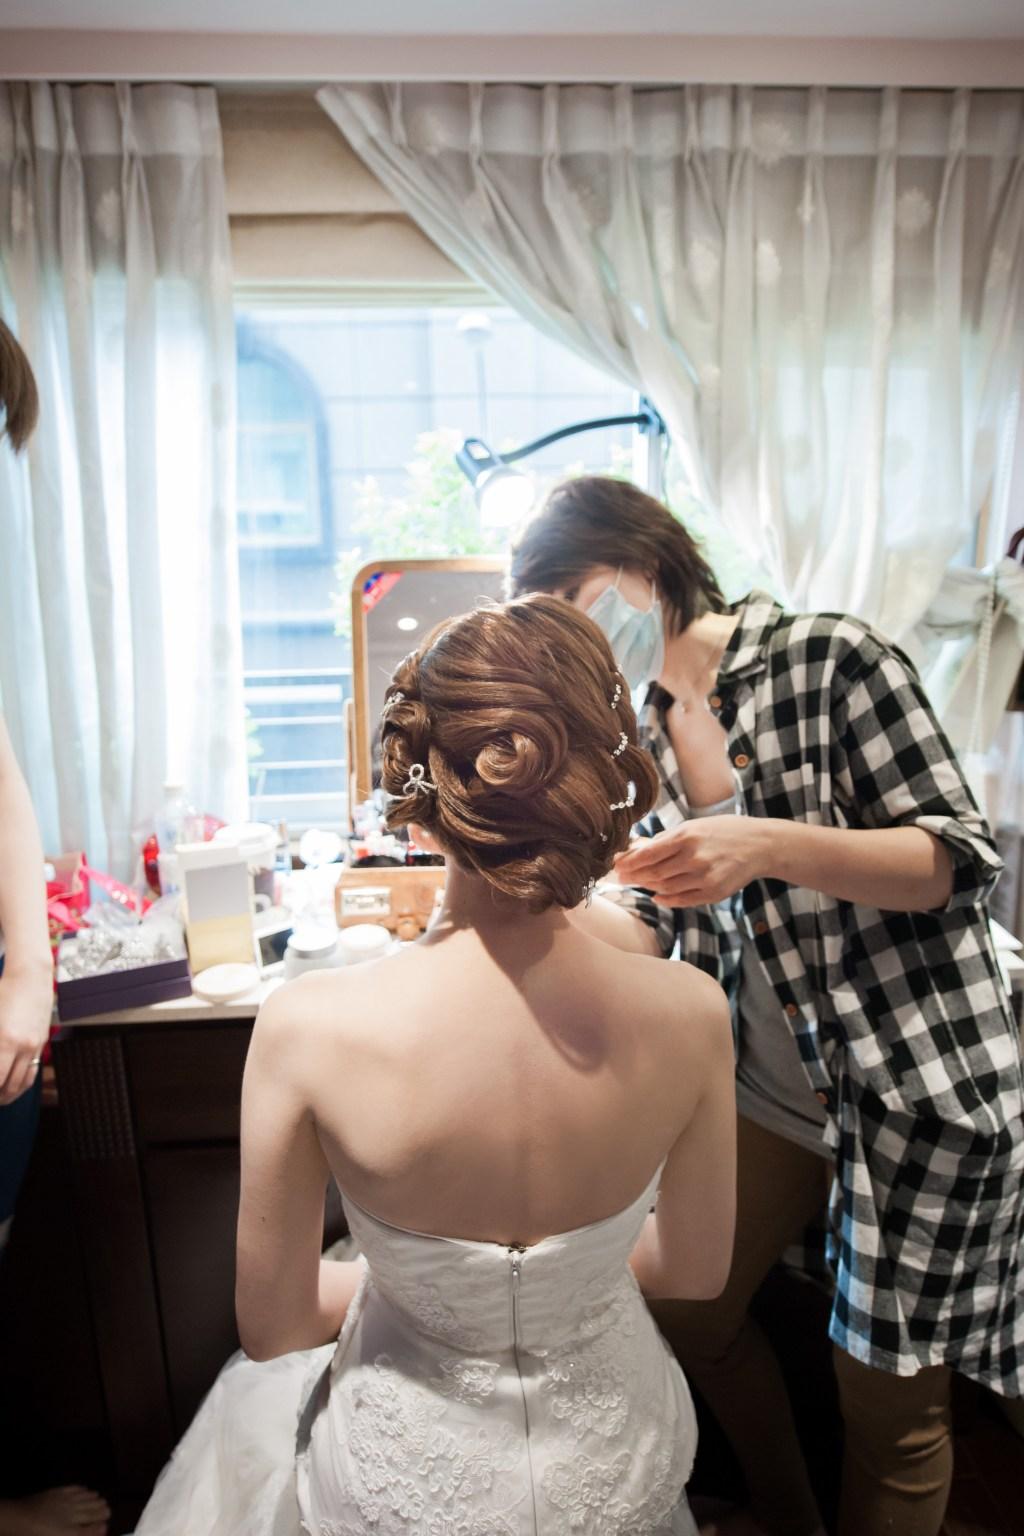 婚攝 推薦,臺北 婚攝,婚禮記錄, 婚禮攝影,臺北